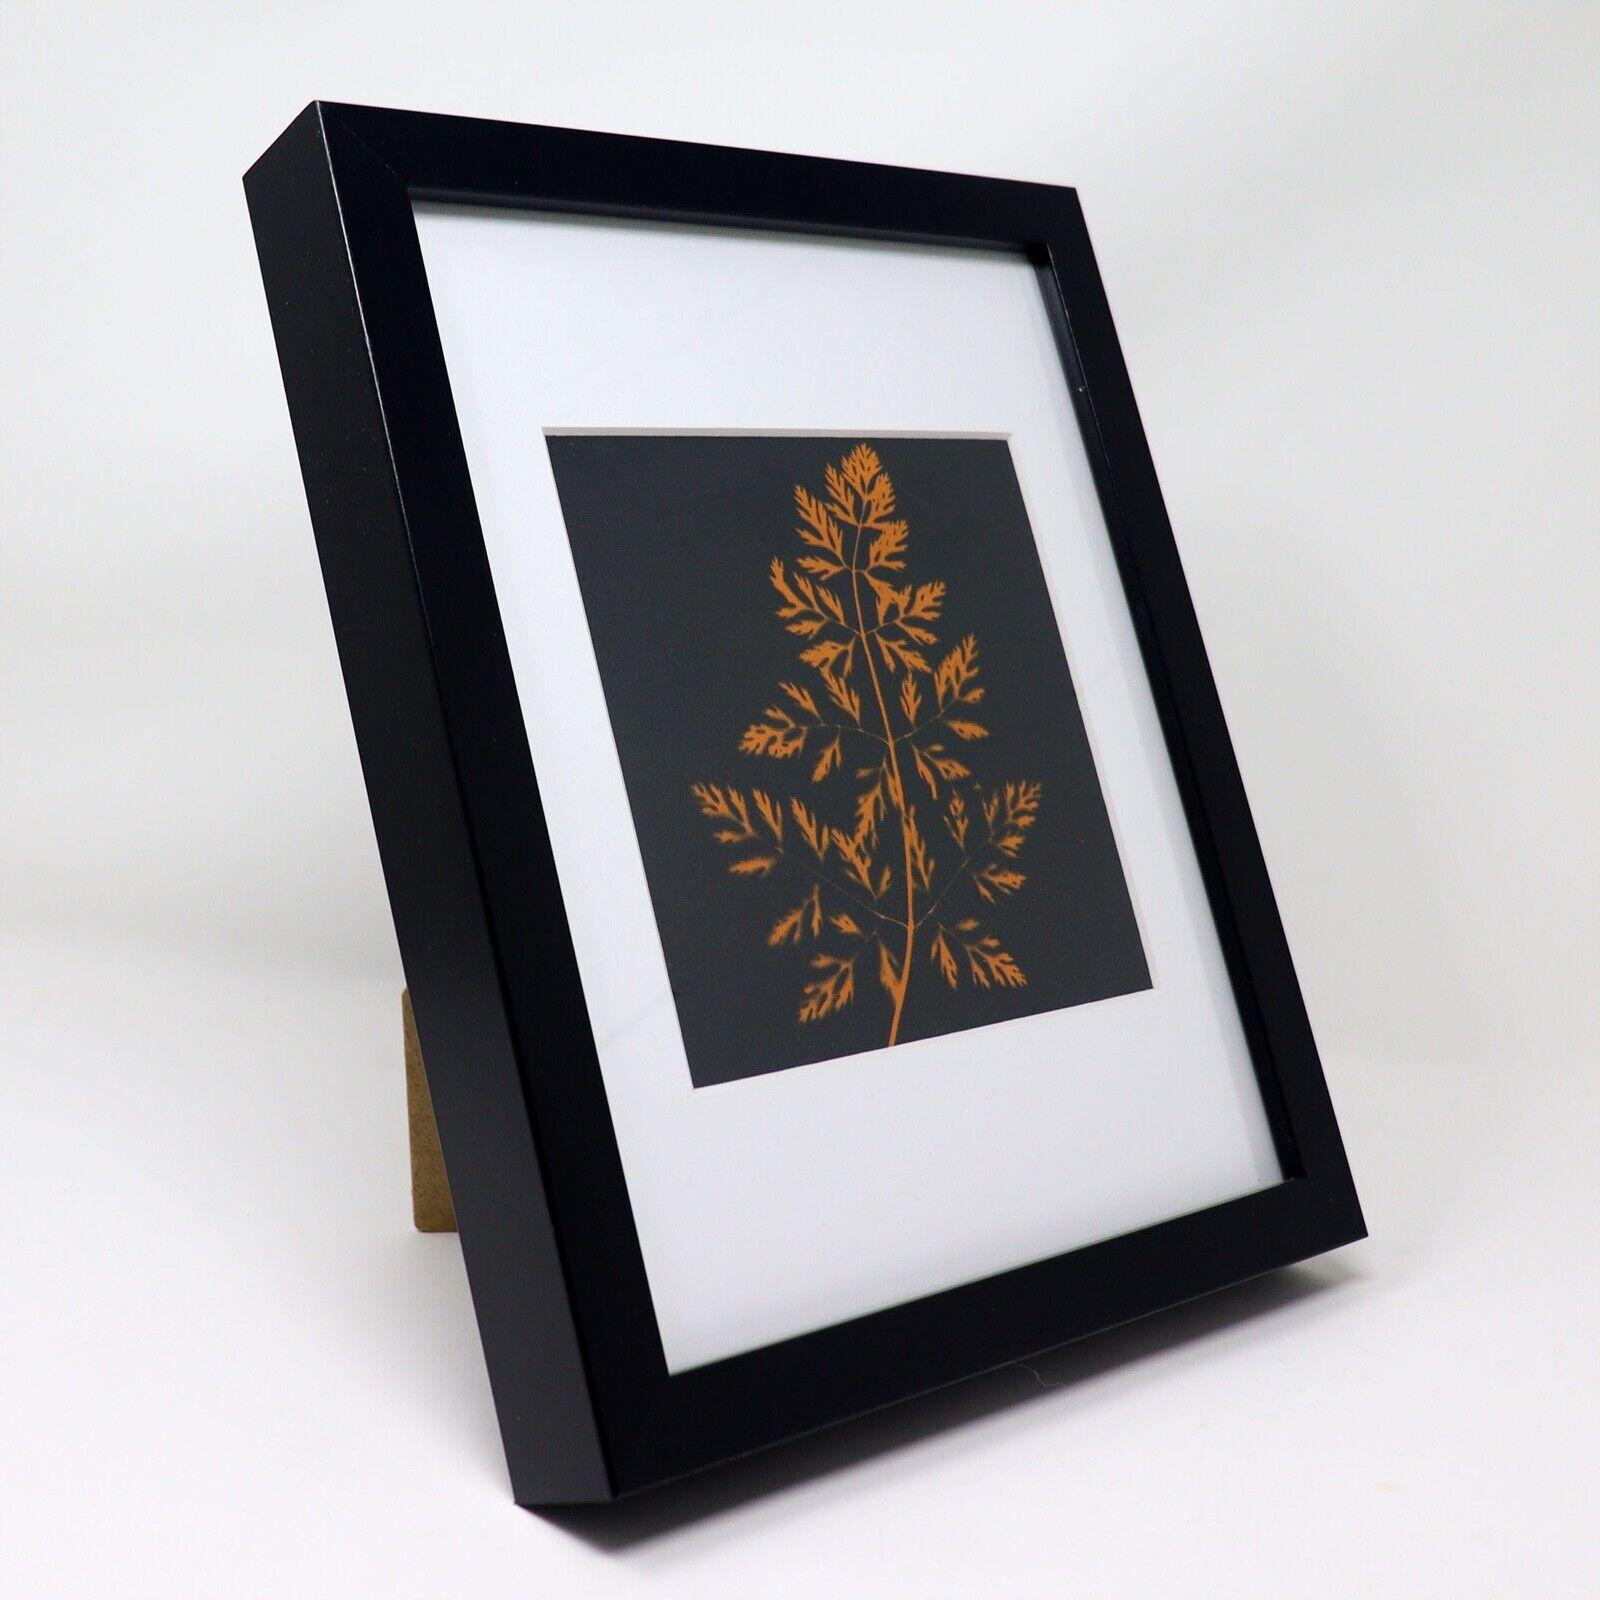 Harvest Carrots In The Garden Cyanotype Print - $75.00